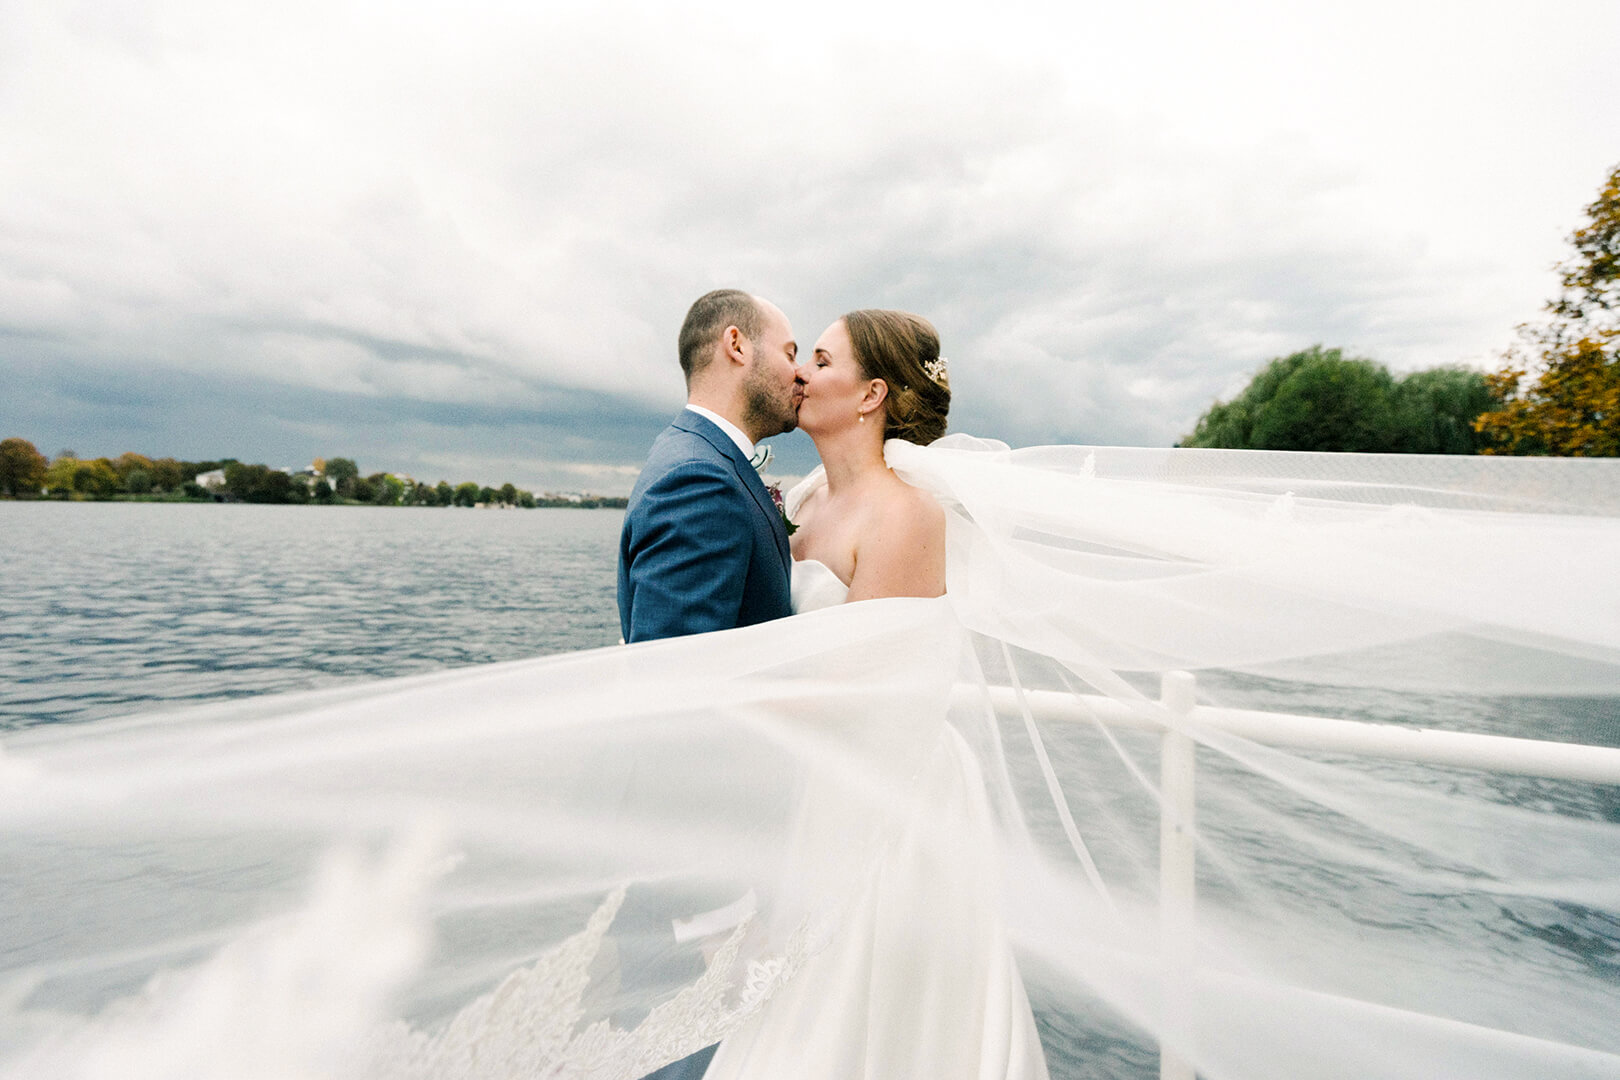 Hochzeitsfotografie-Highlights-Hanna-Hong-03